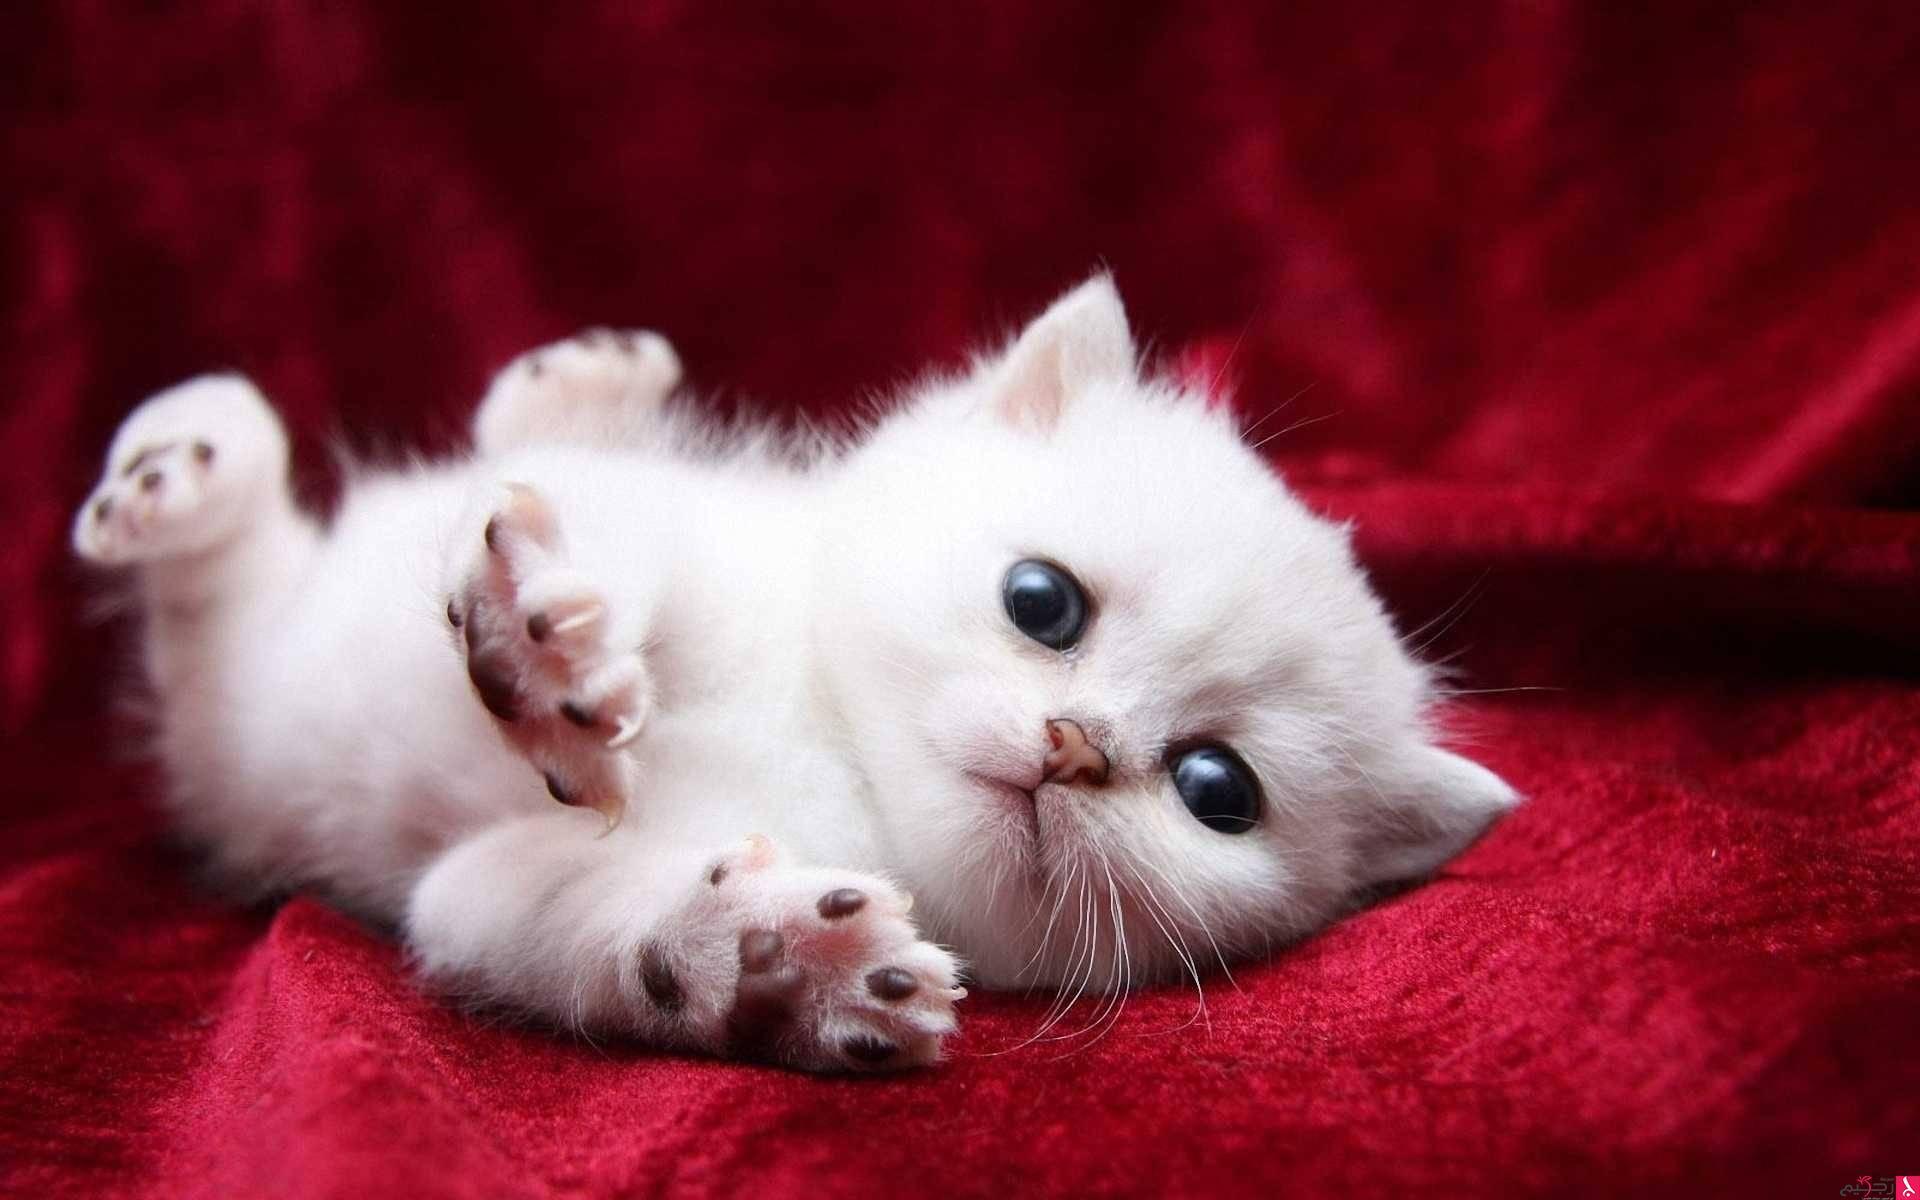 صوره اجمل صور قطط , شاهد بالصور ارق انواع القطط